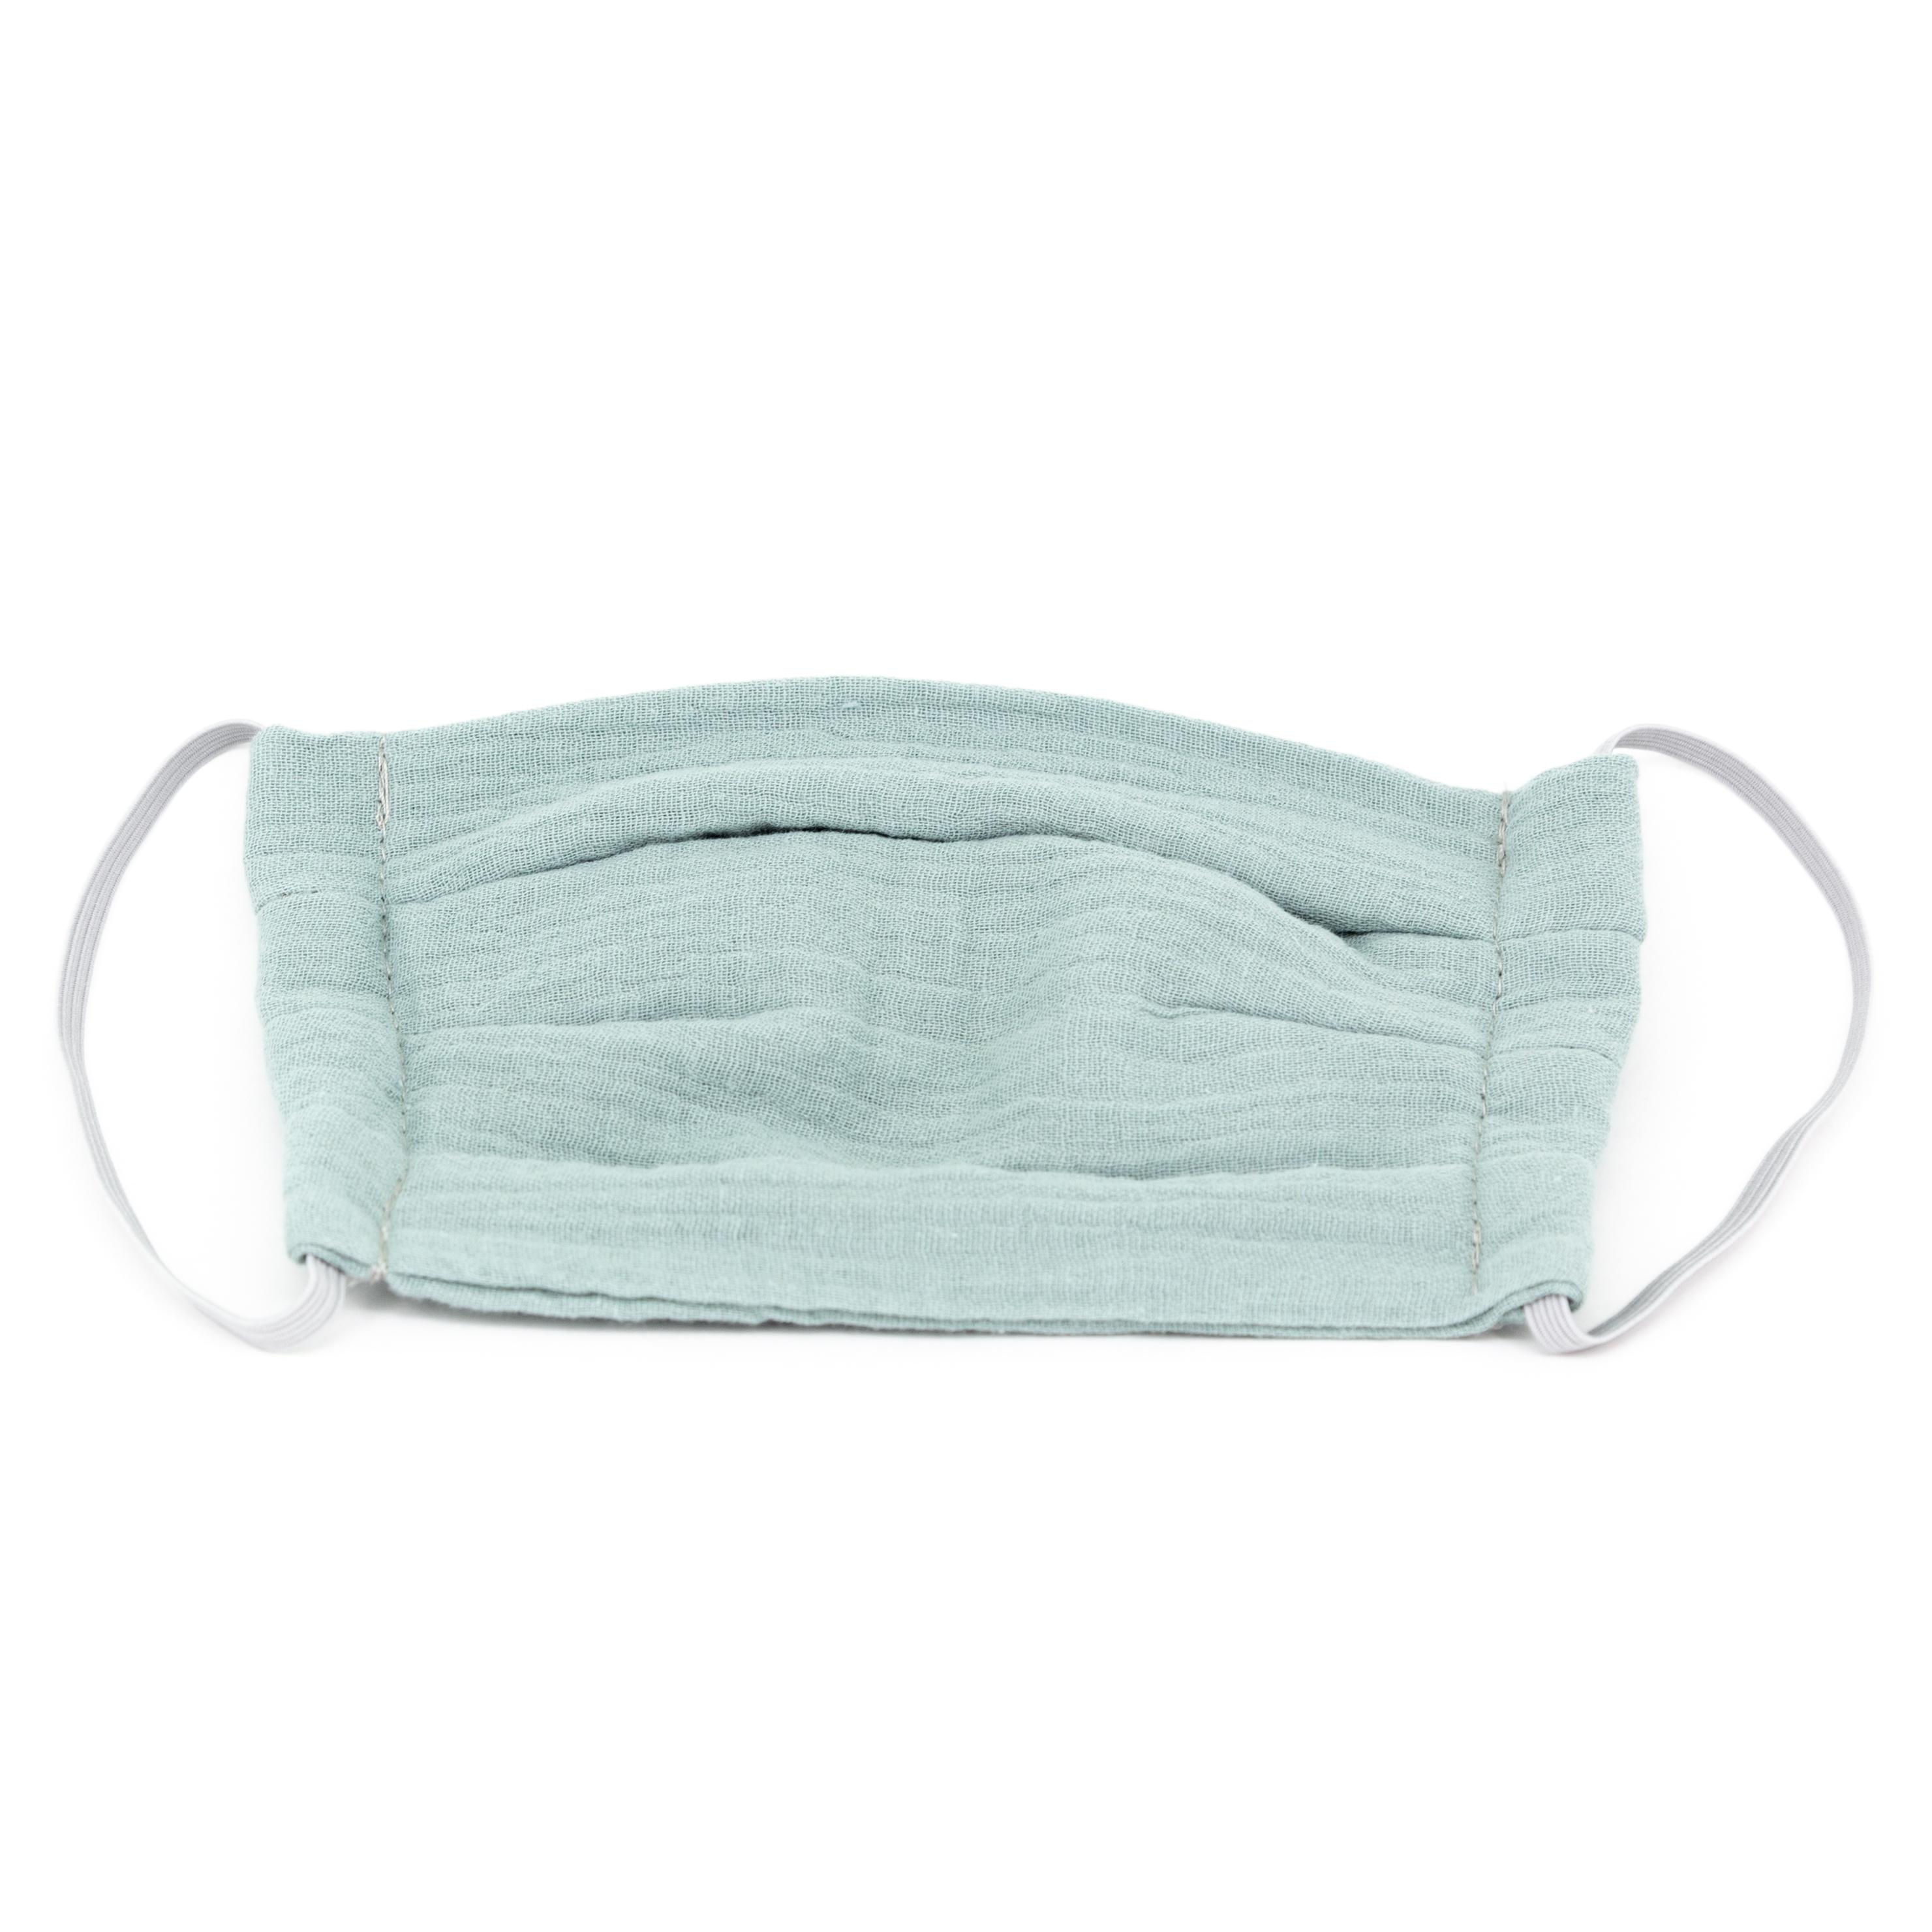 Mund- und Nasenmaske - grün - Hutch&Putch